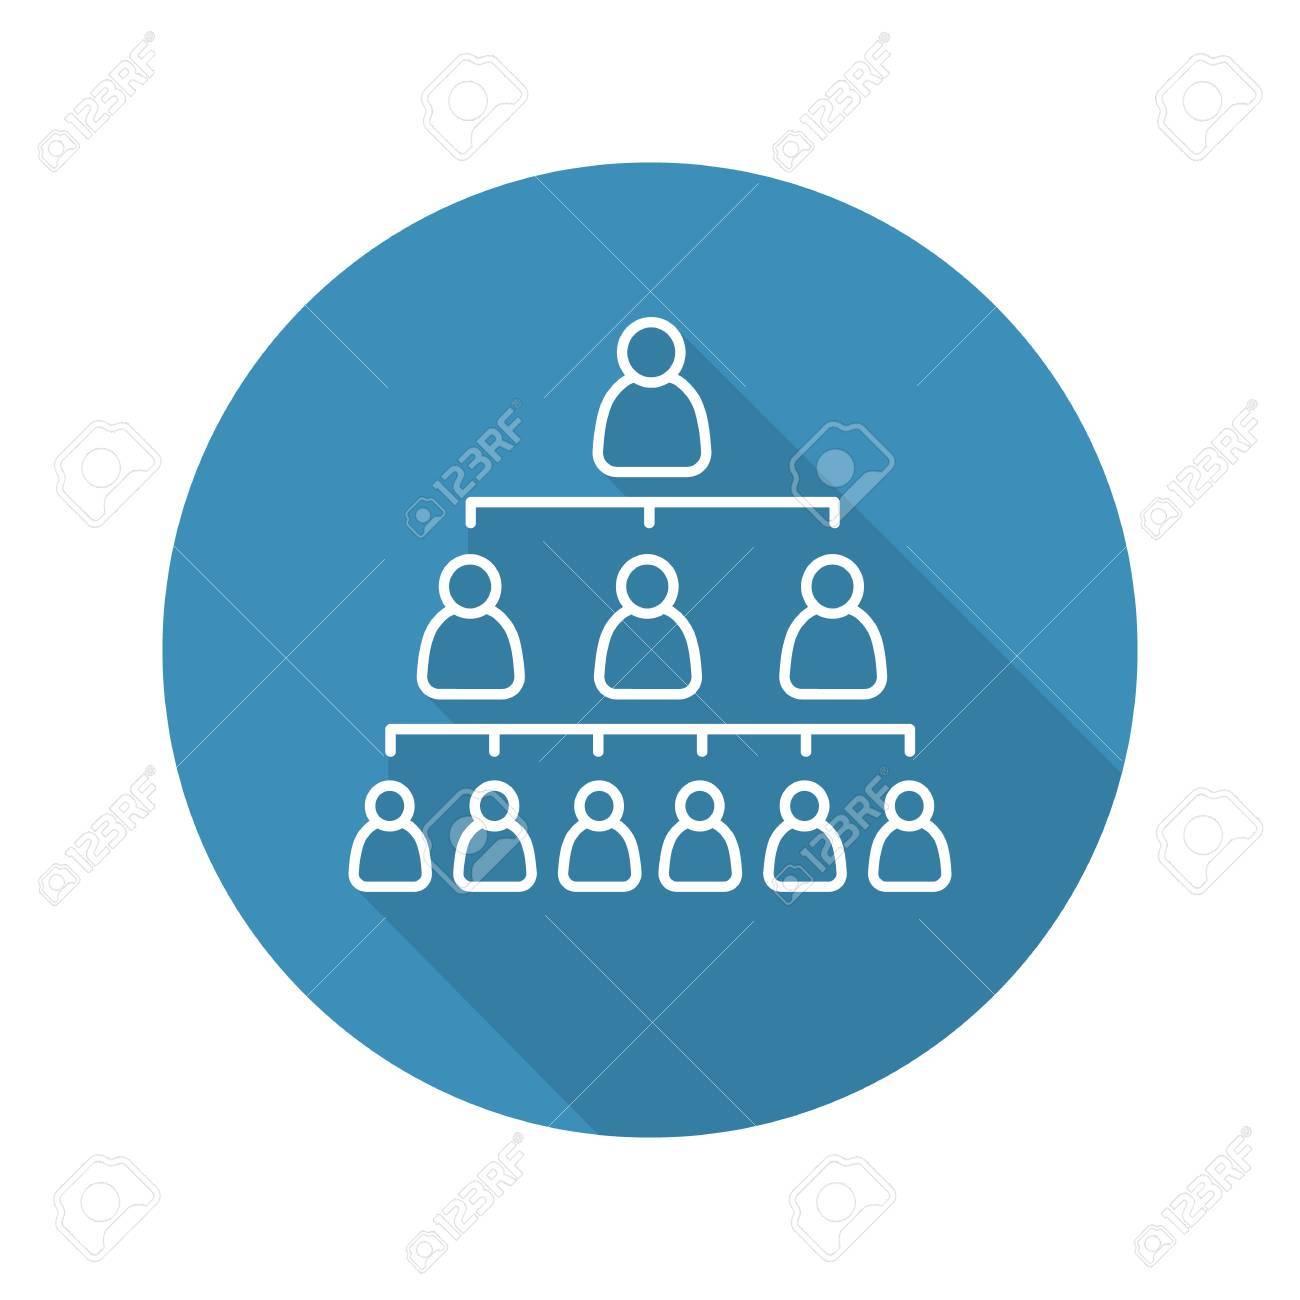 Jerarquía De La Empresa Plana Icono De Sombra Lineal Largo Liderazgo Estructura De Organización Vector Línea Símbolo